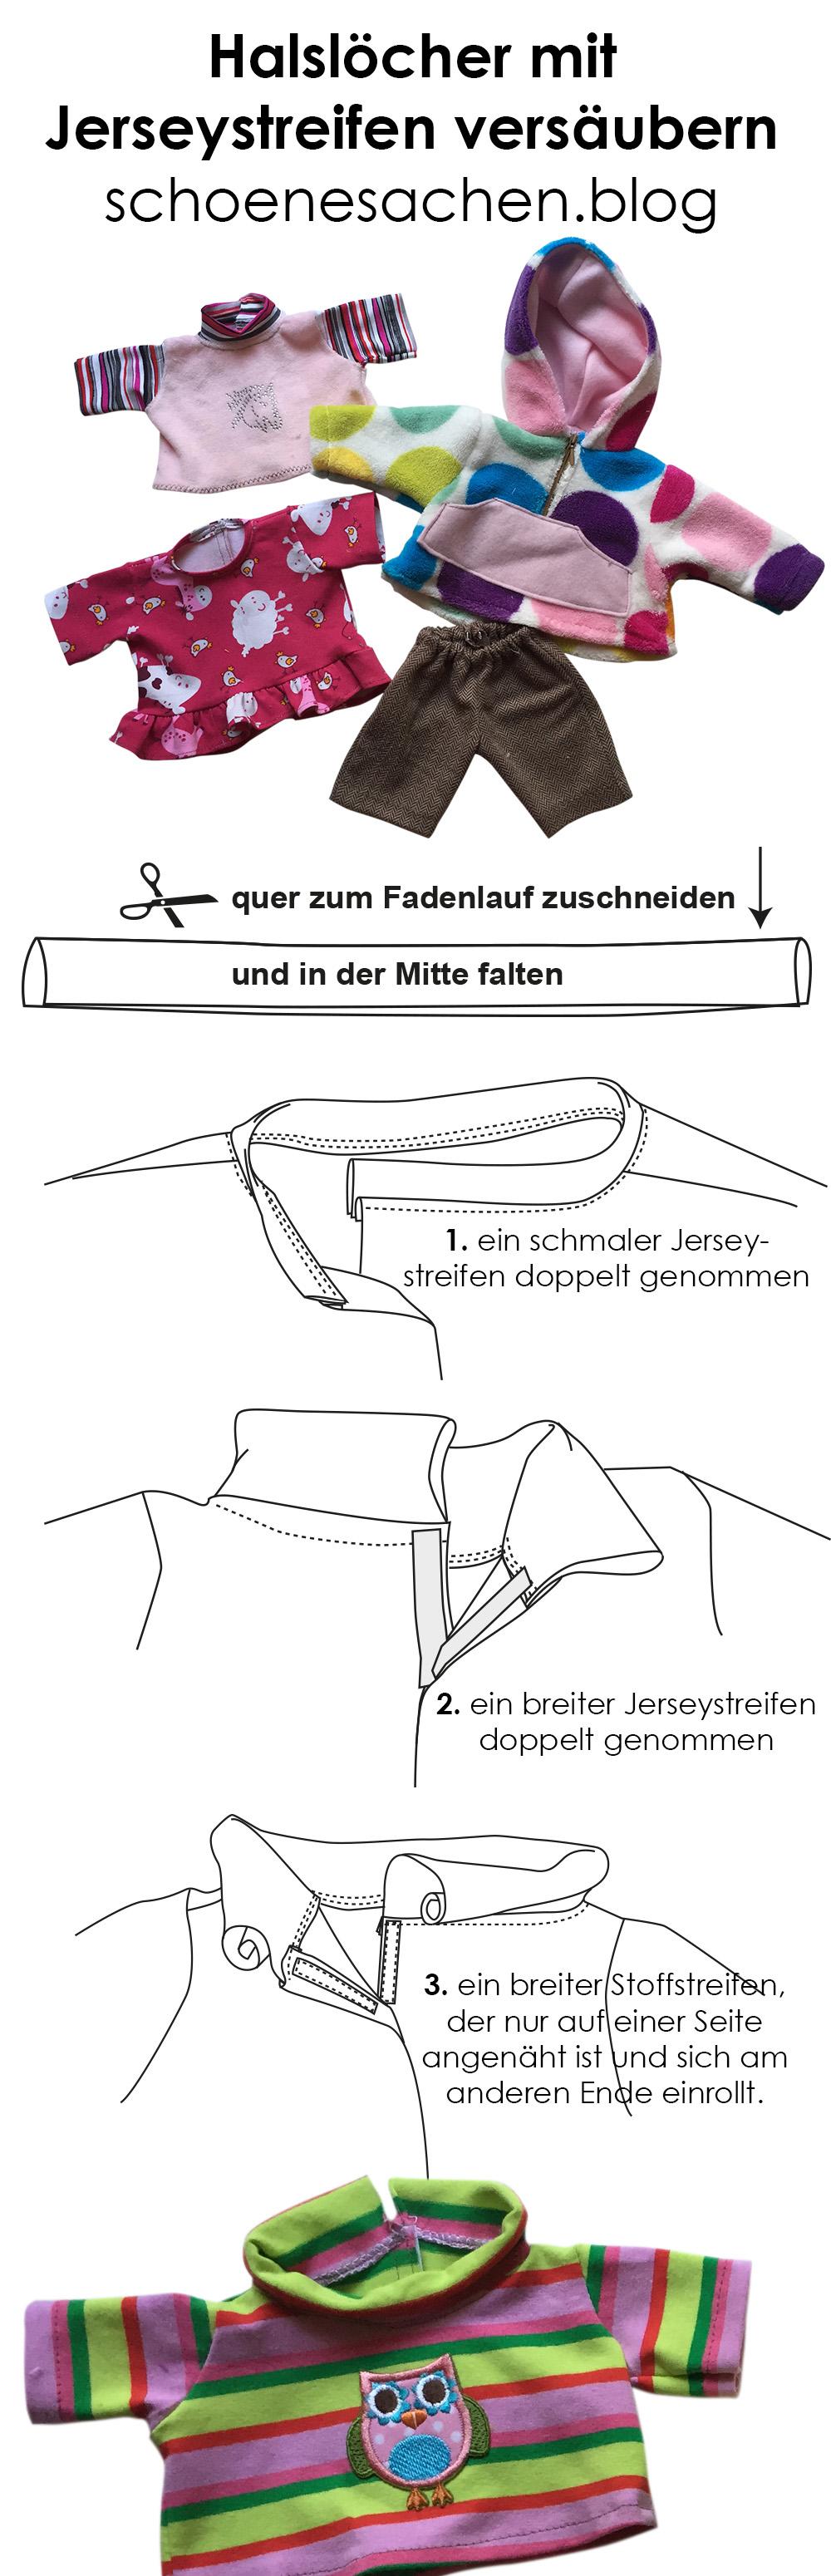 Shirt Kleid einfacher Ausschnitt nähen, Halsausschnitt mit Stoffstreifen versäubern, ärmelloses Kleid mit Jerseystreifen nähen,